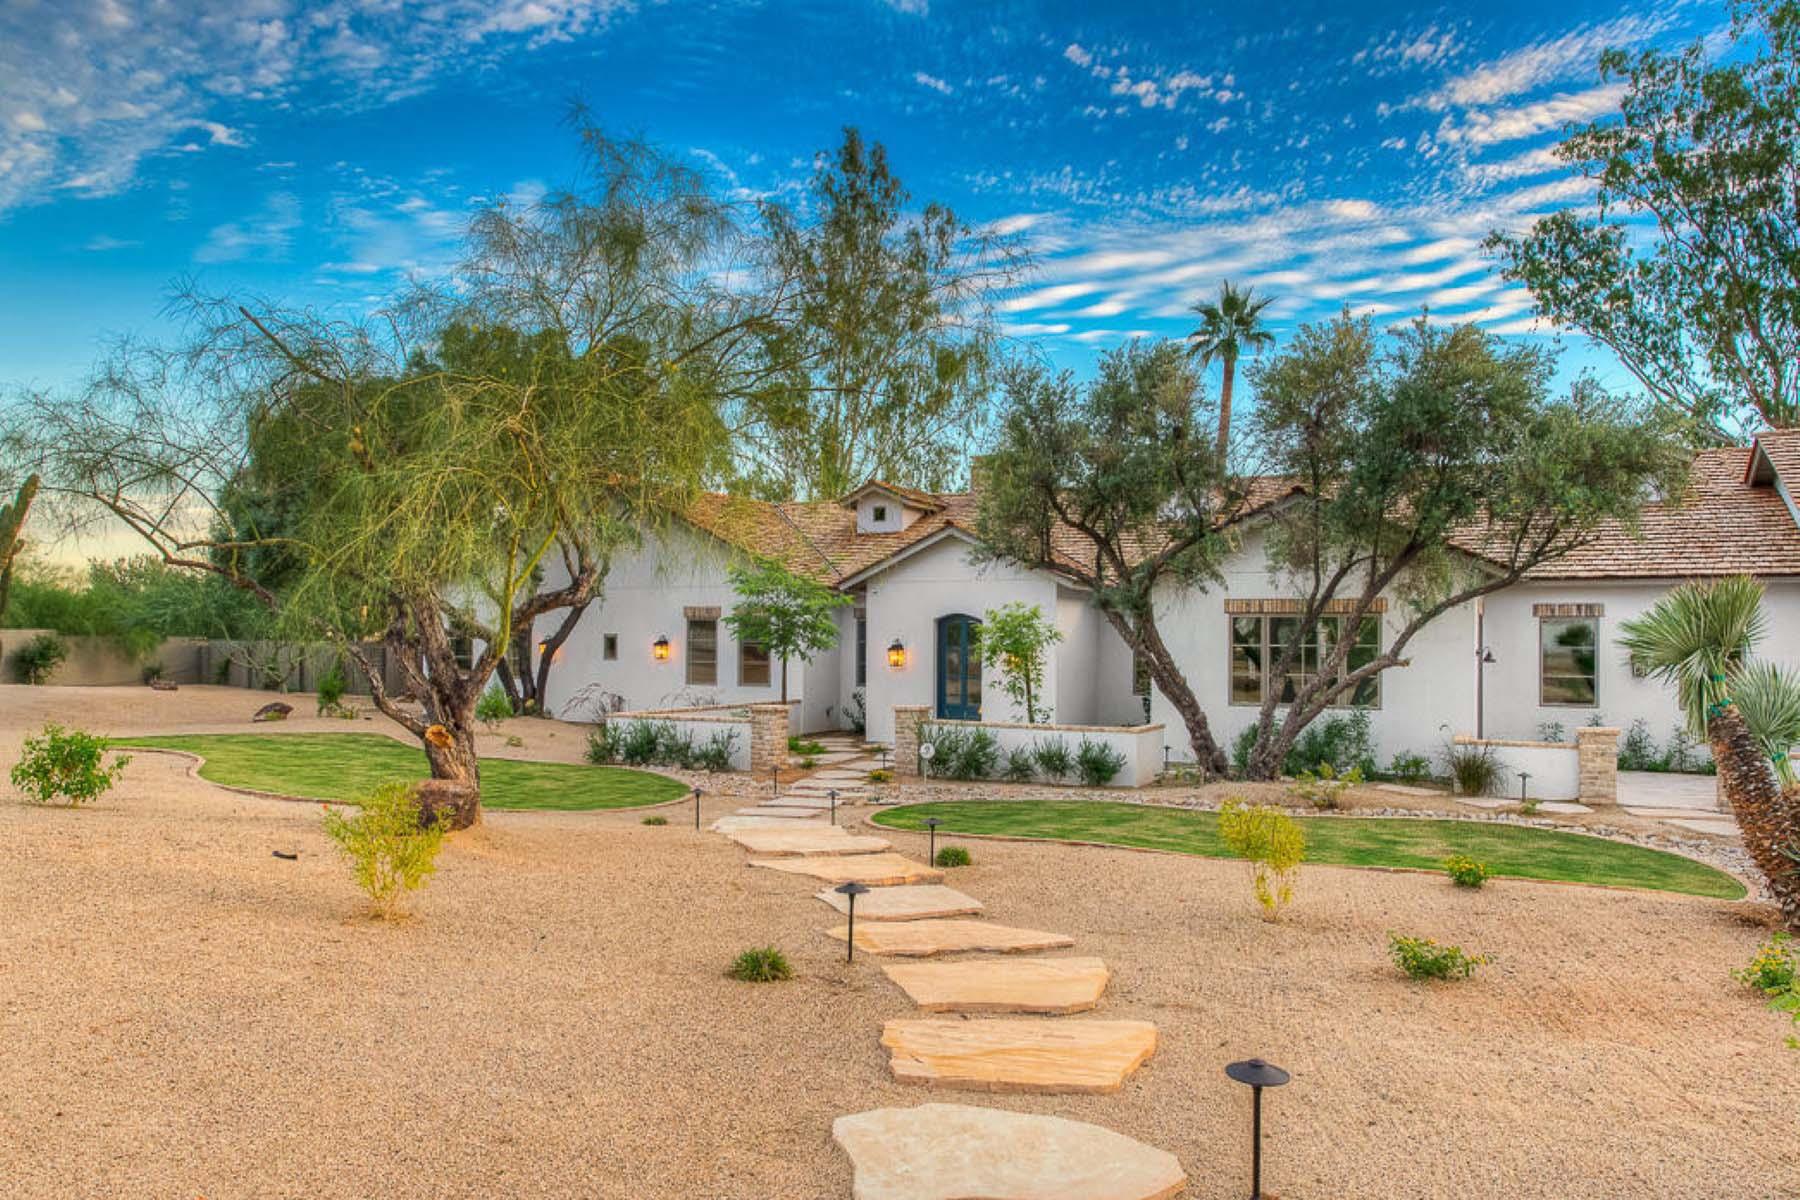 Casa Unifamiliar por un Venta en A stunning new build by Two Hawks Designs. 3233 E SAN MIGUEL PL Paradise Valley, Arizona 85253 Estados Unidos